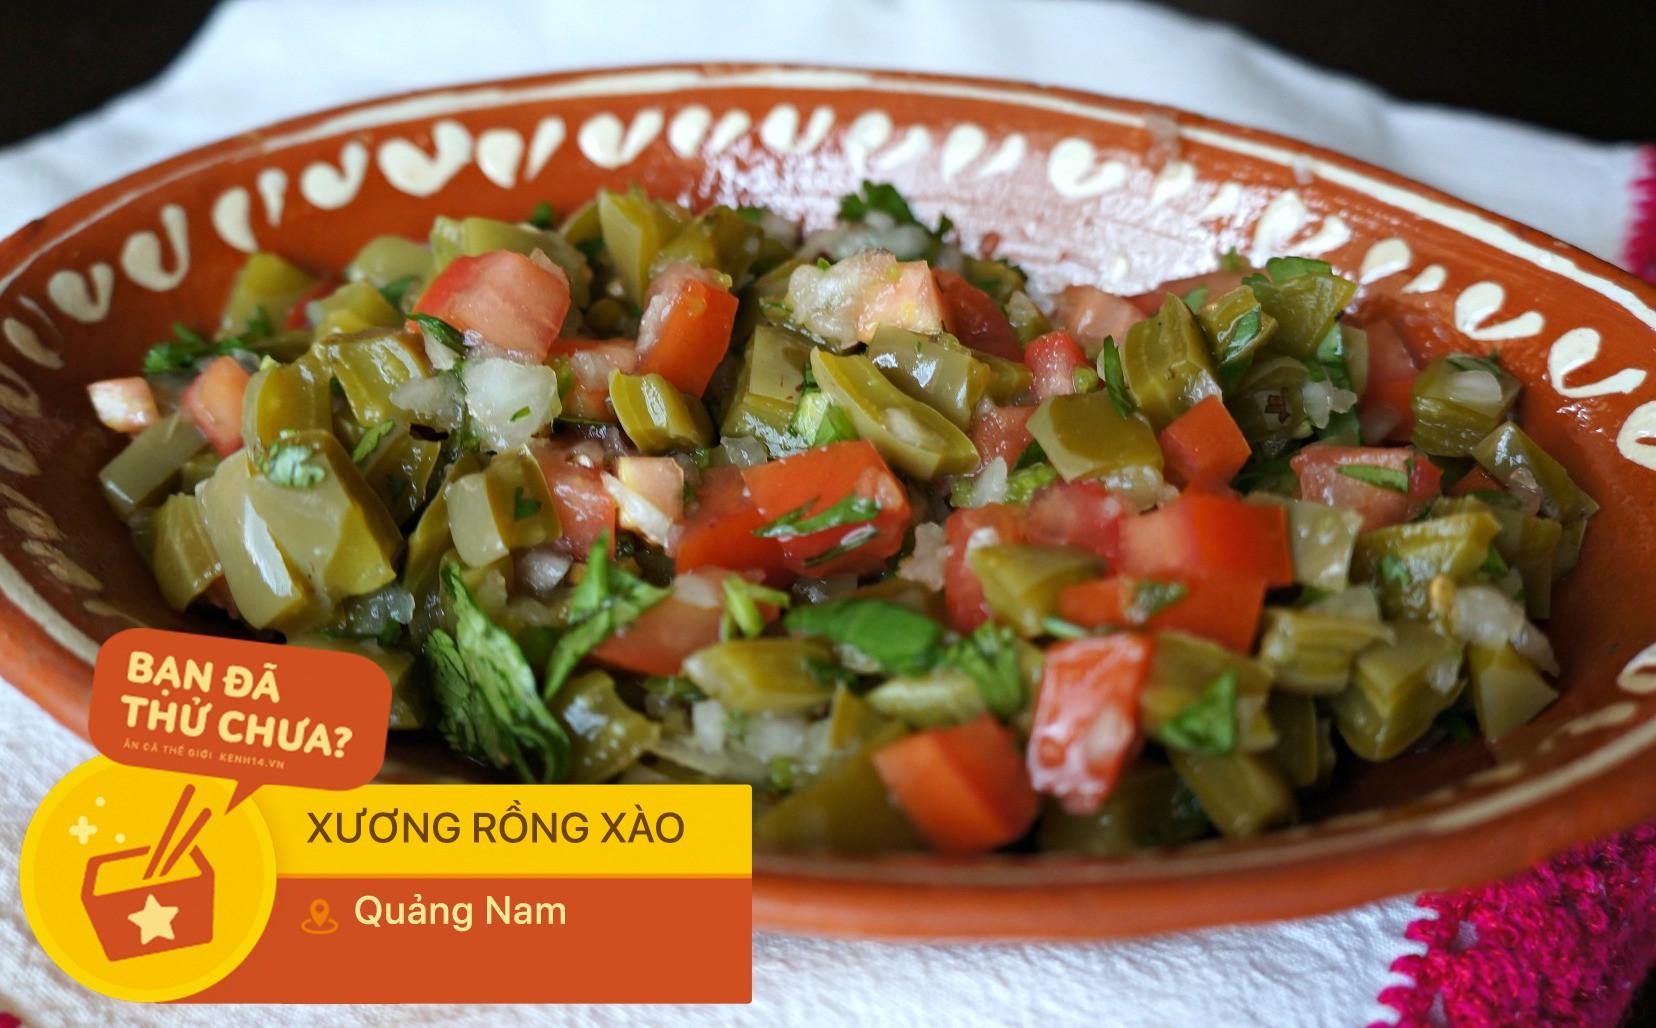 Ai mà tin được cây xương rồng lại được chế biến thành vô vàn món ngon ở Quảng Nam như thế này - Ảnh 5.